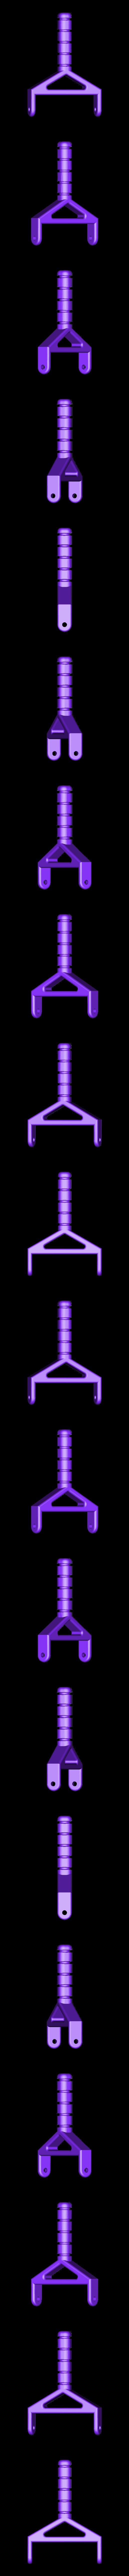 Handle1.stl Télécharger fichier STL gratuit Rouleau à pâte à l'argile • Plan pour impression 3D, Cerragh